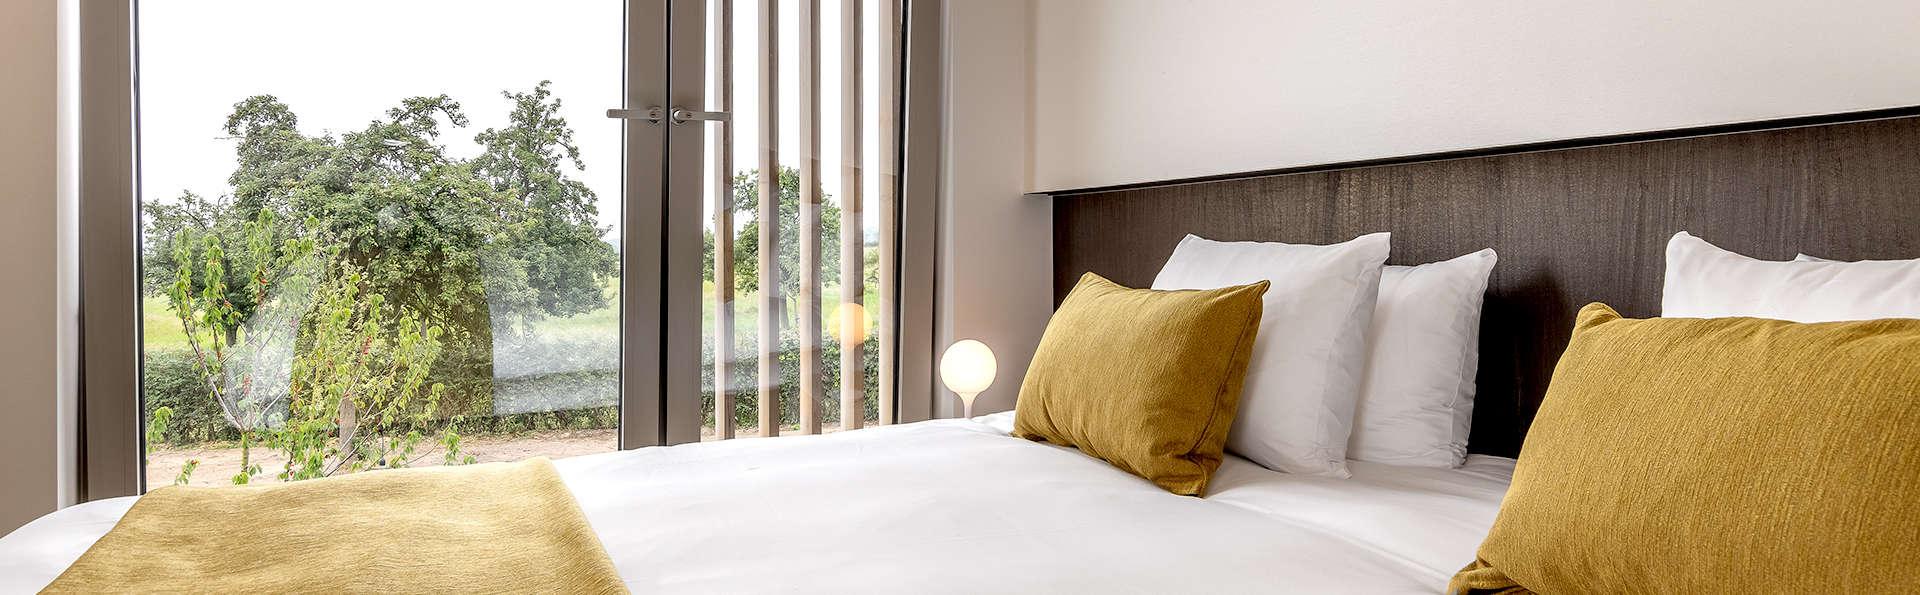 Vivez une séjour romantique inoubliable avec lovebox, luxe et bien-être